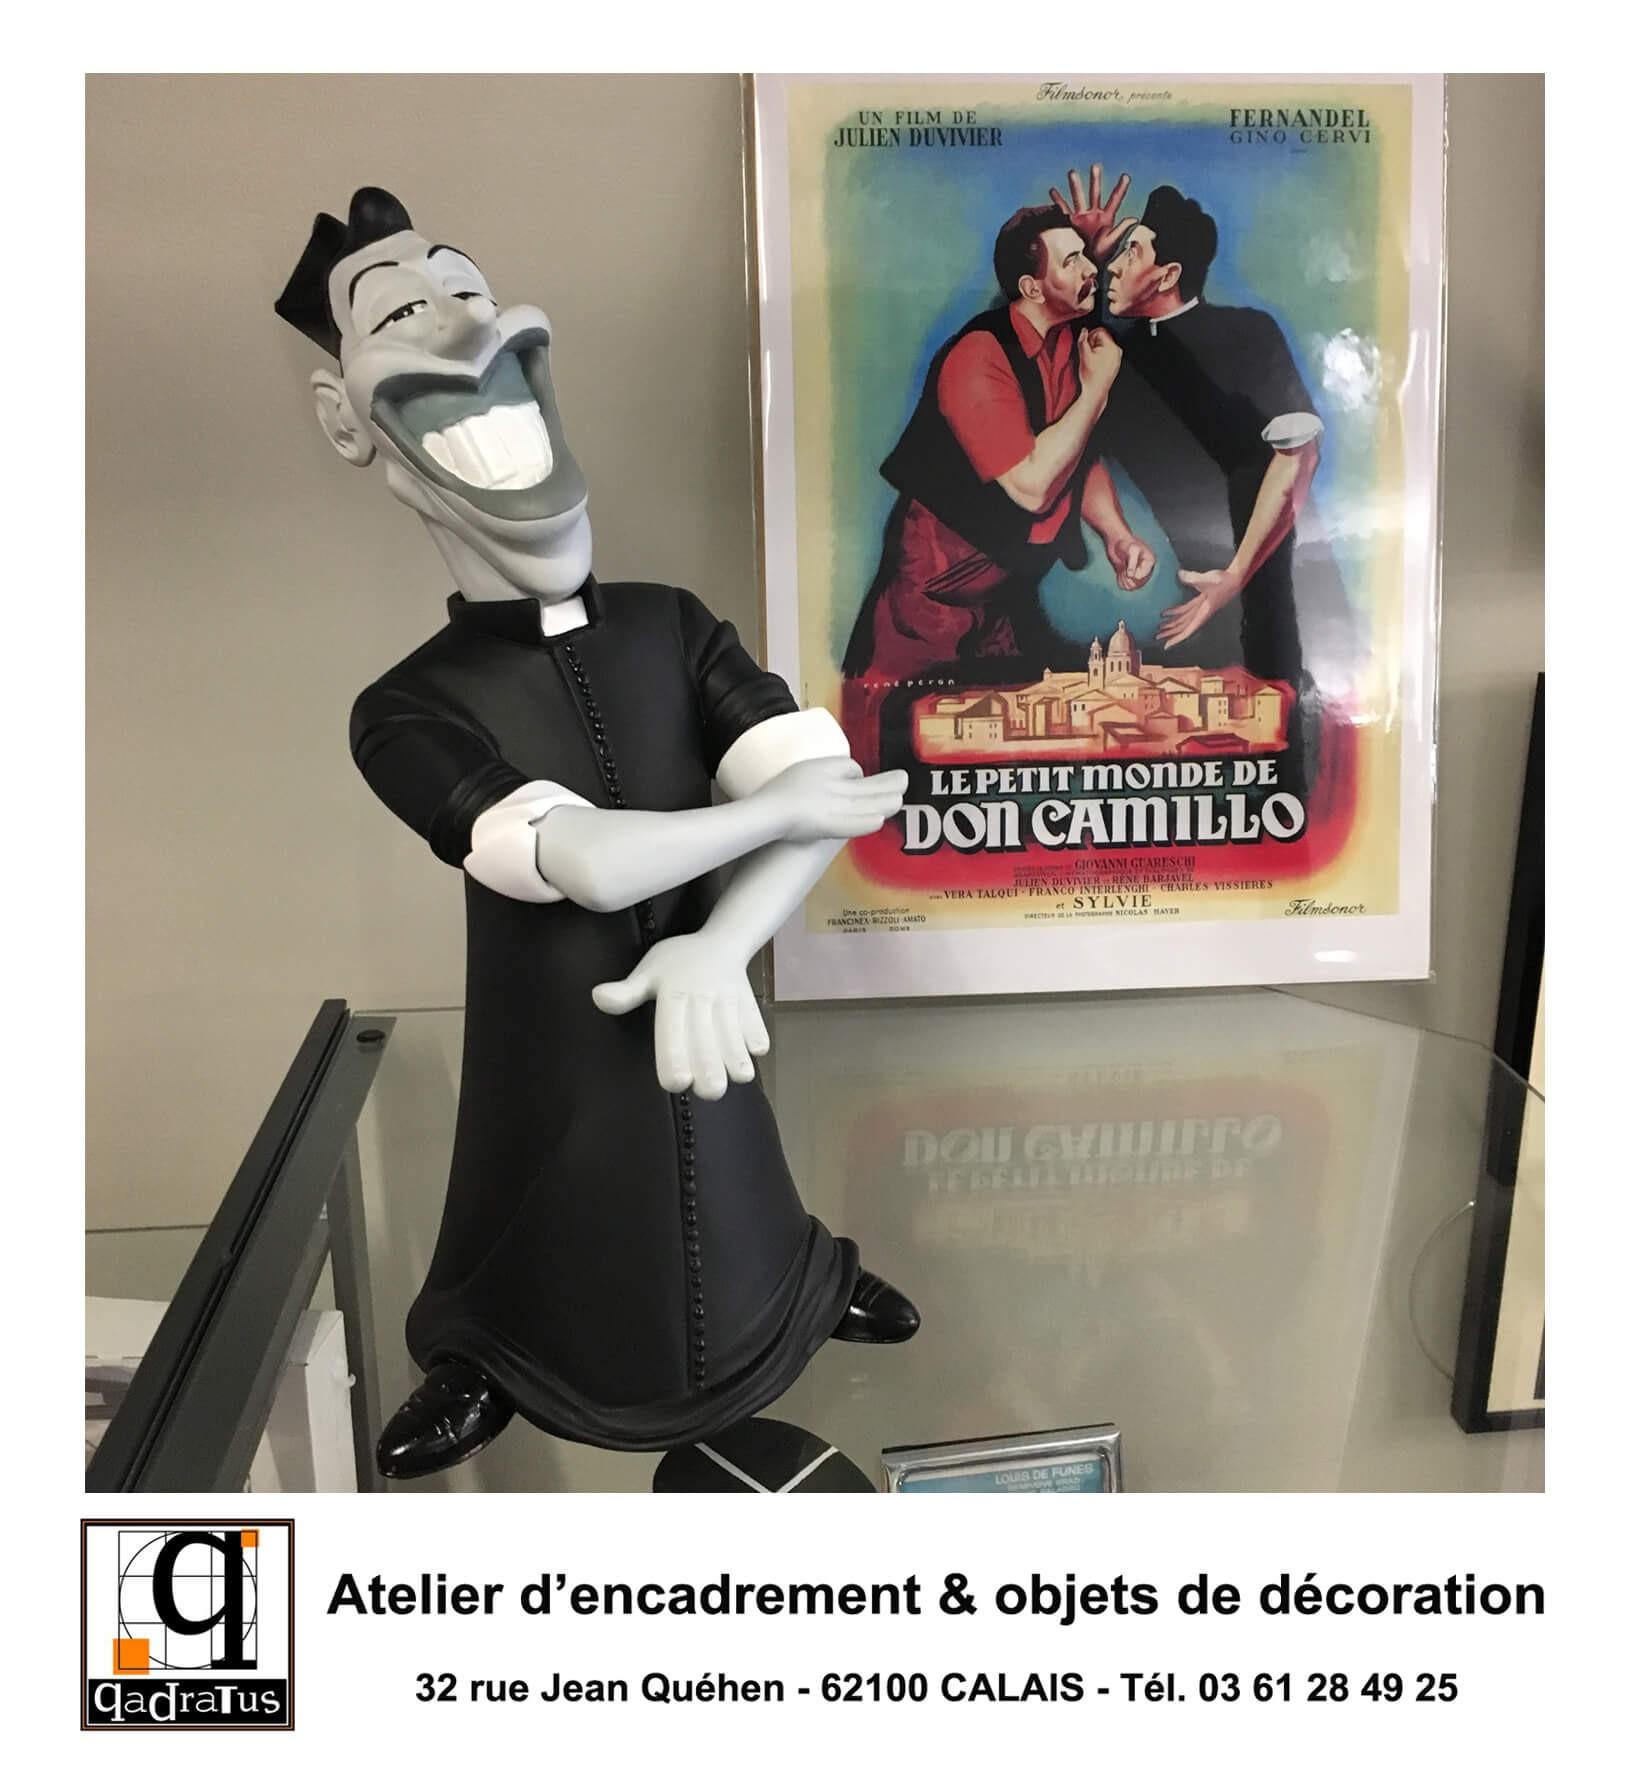 Fernandel - Don camillo